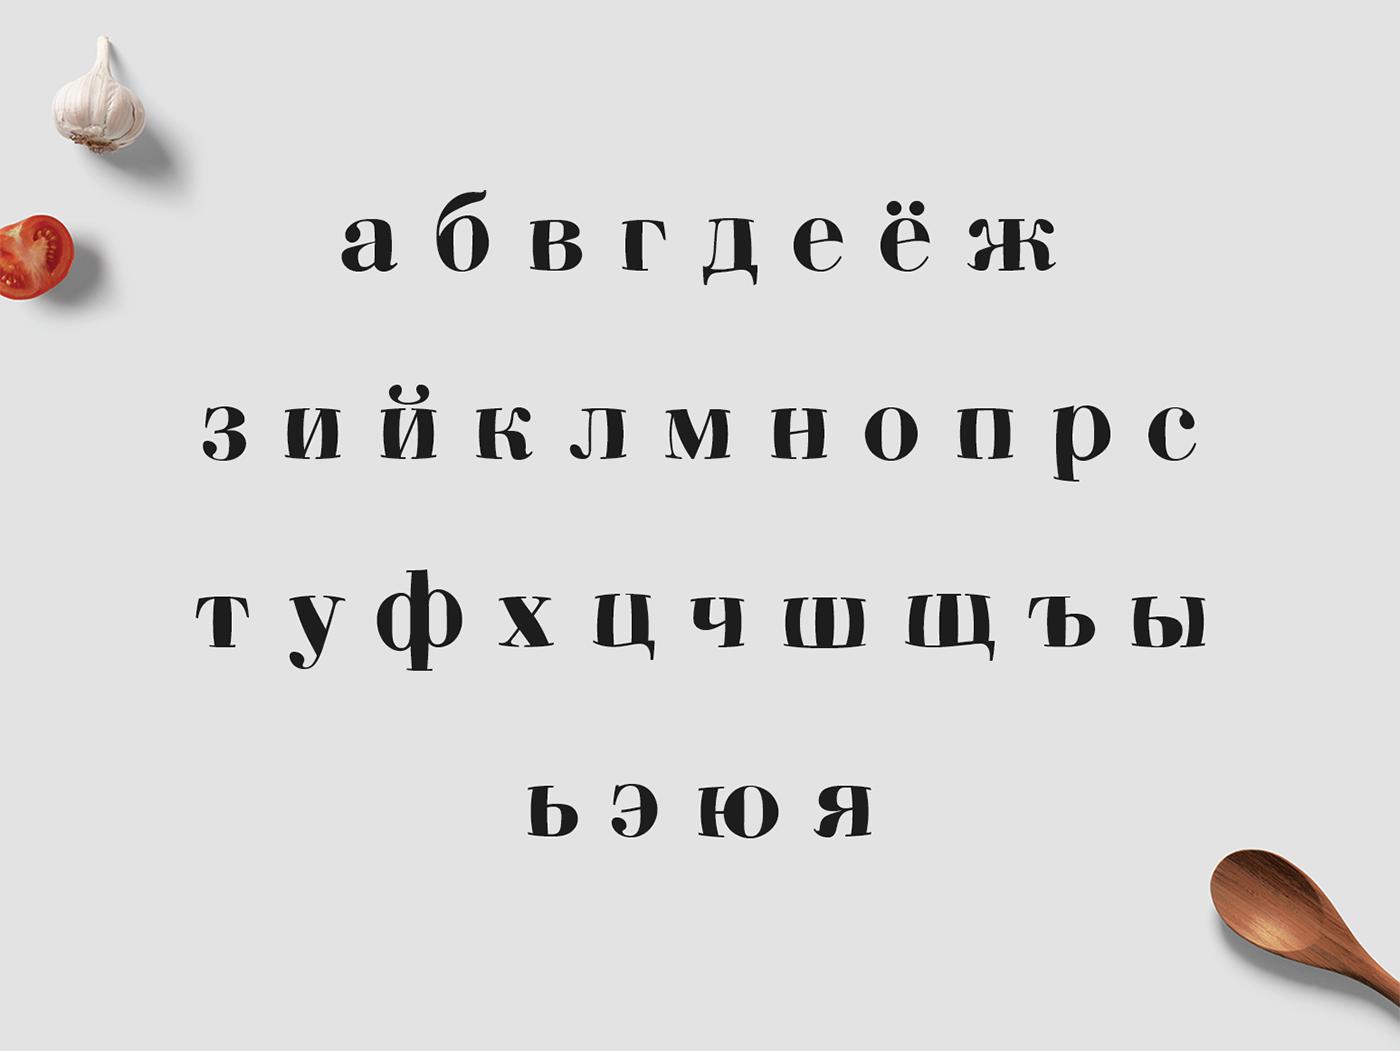 dba8af30105173.5613c2903fa5b